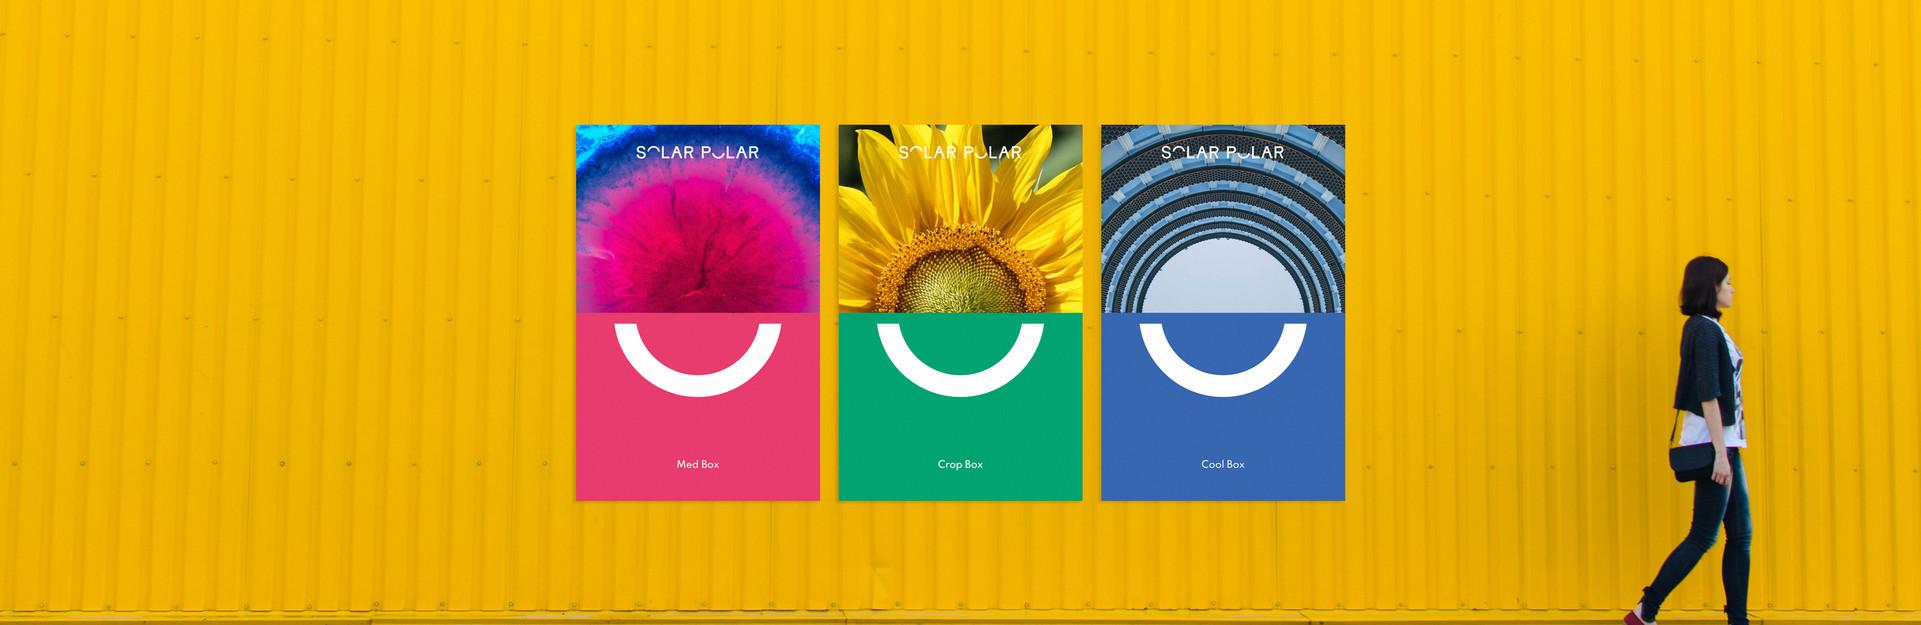 SP_Posters 3.jpg